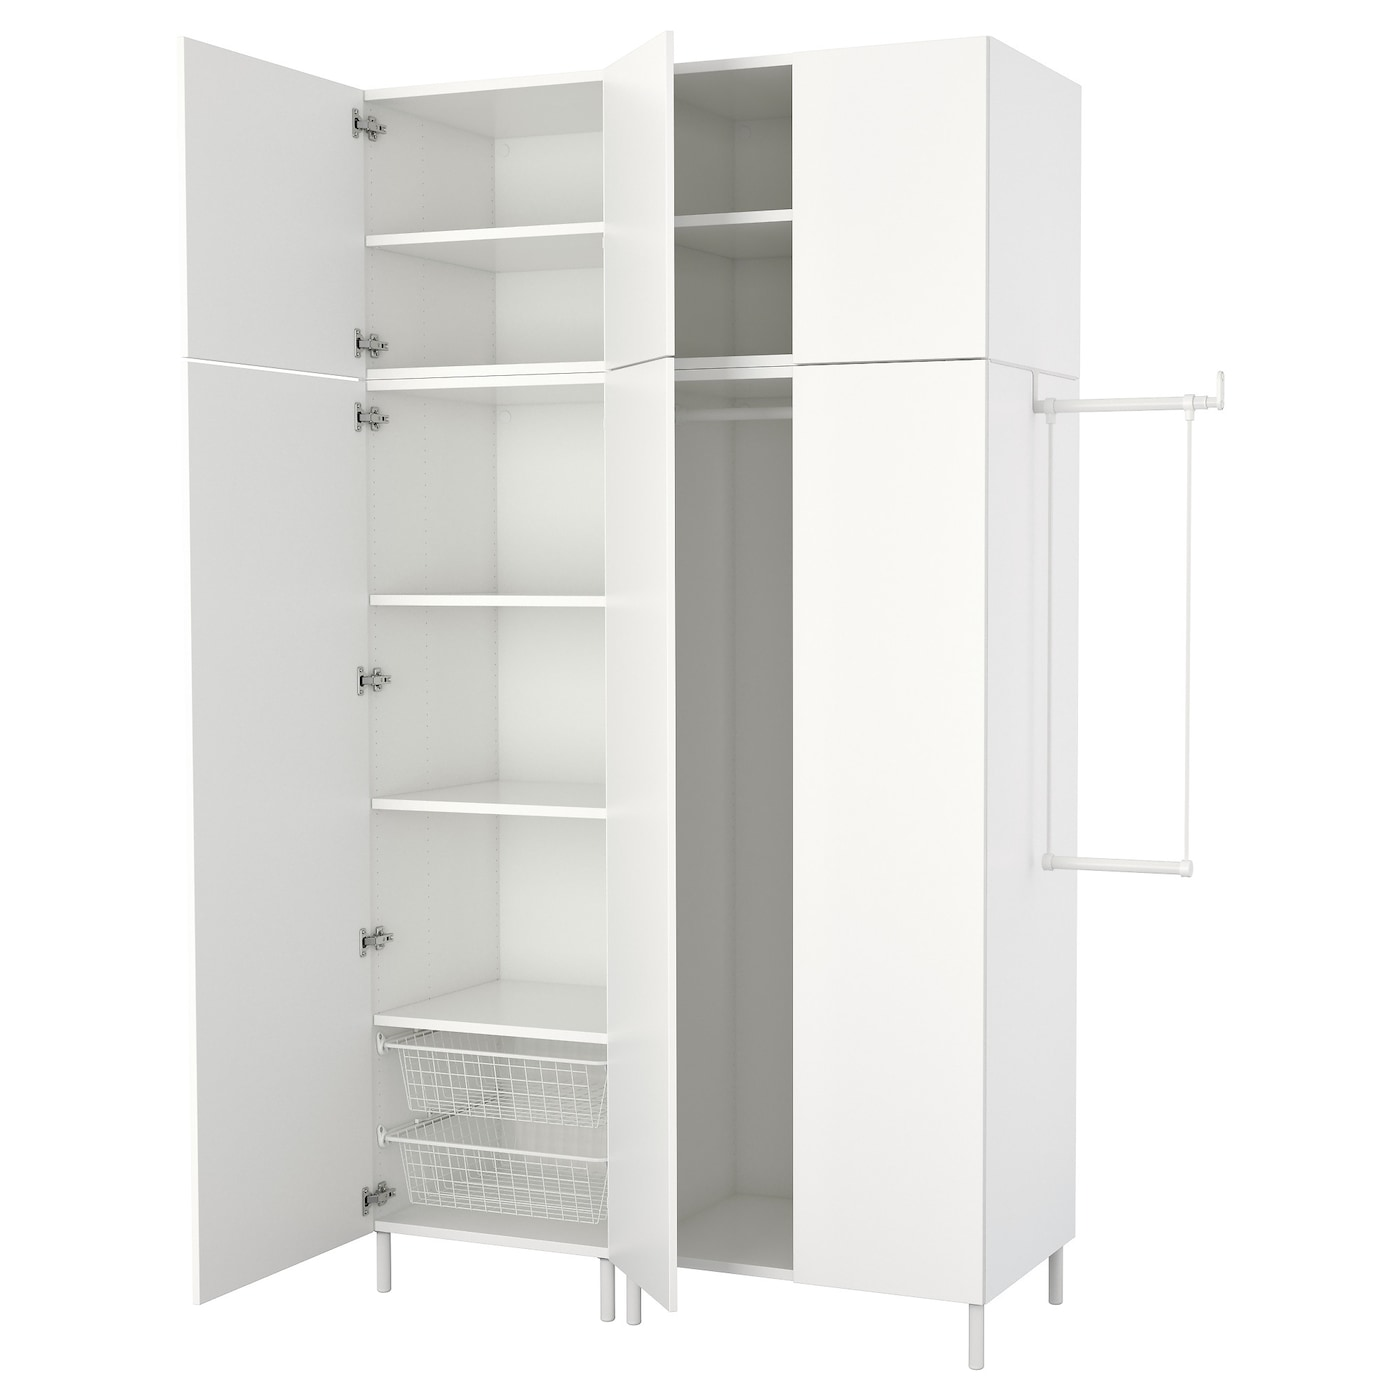 Platsa Kleiderschrank Weiss Fonnes Weiss Hier Erhaltlich Ikea